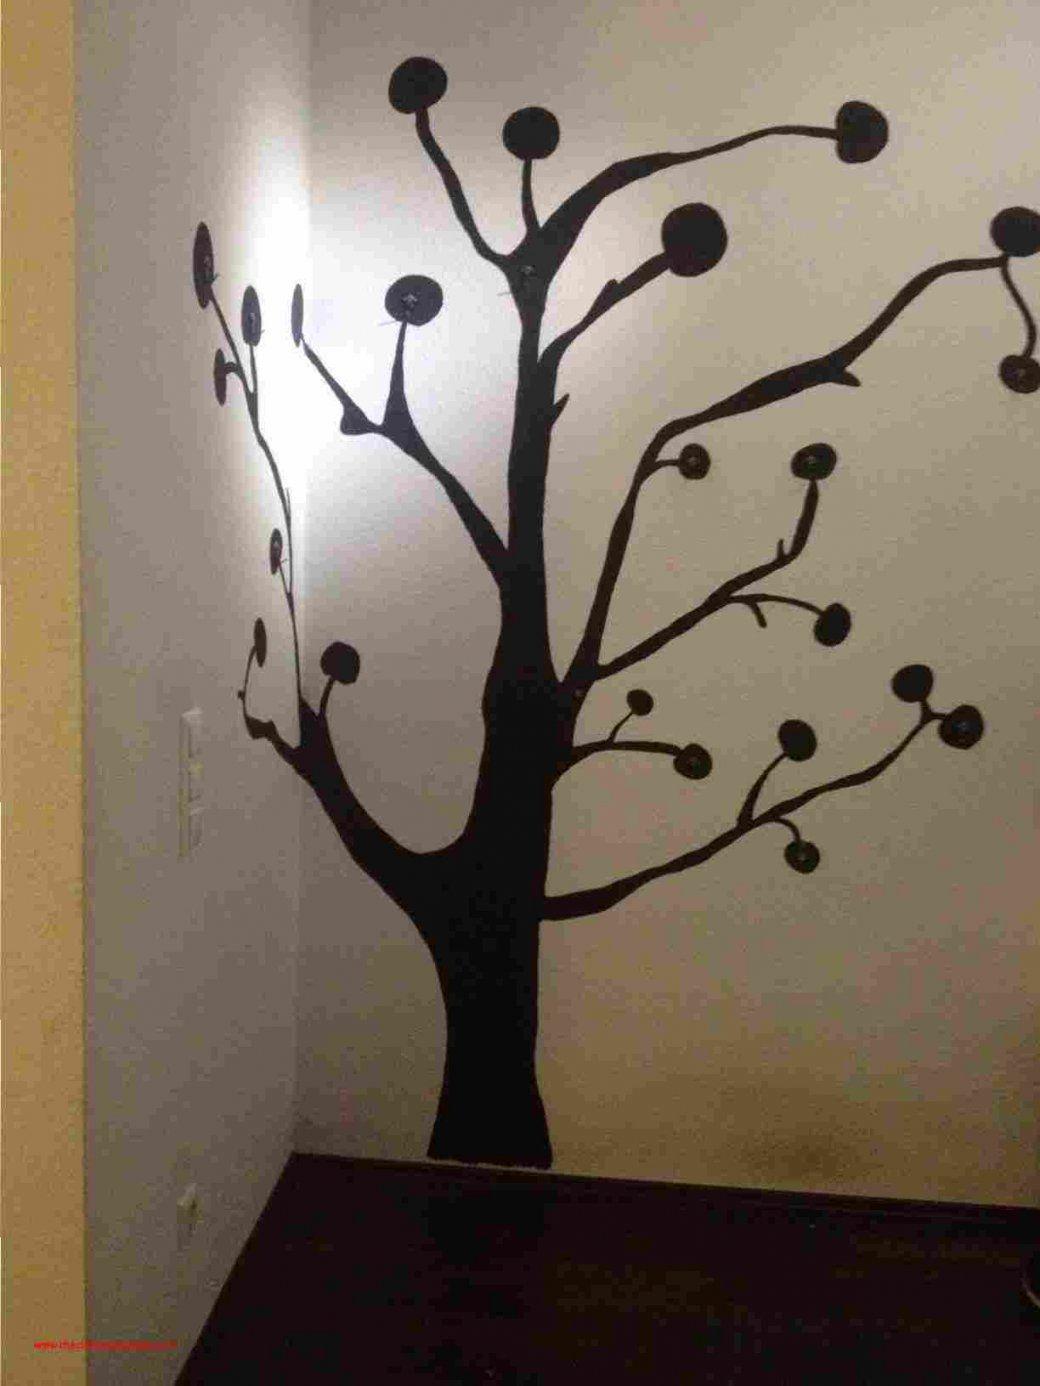 Luxury Baum Garderobe Lovely von Garderobe Baum Selber Bauen Bild